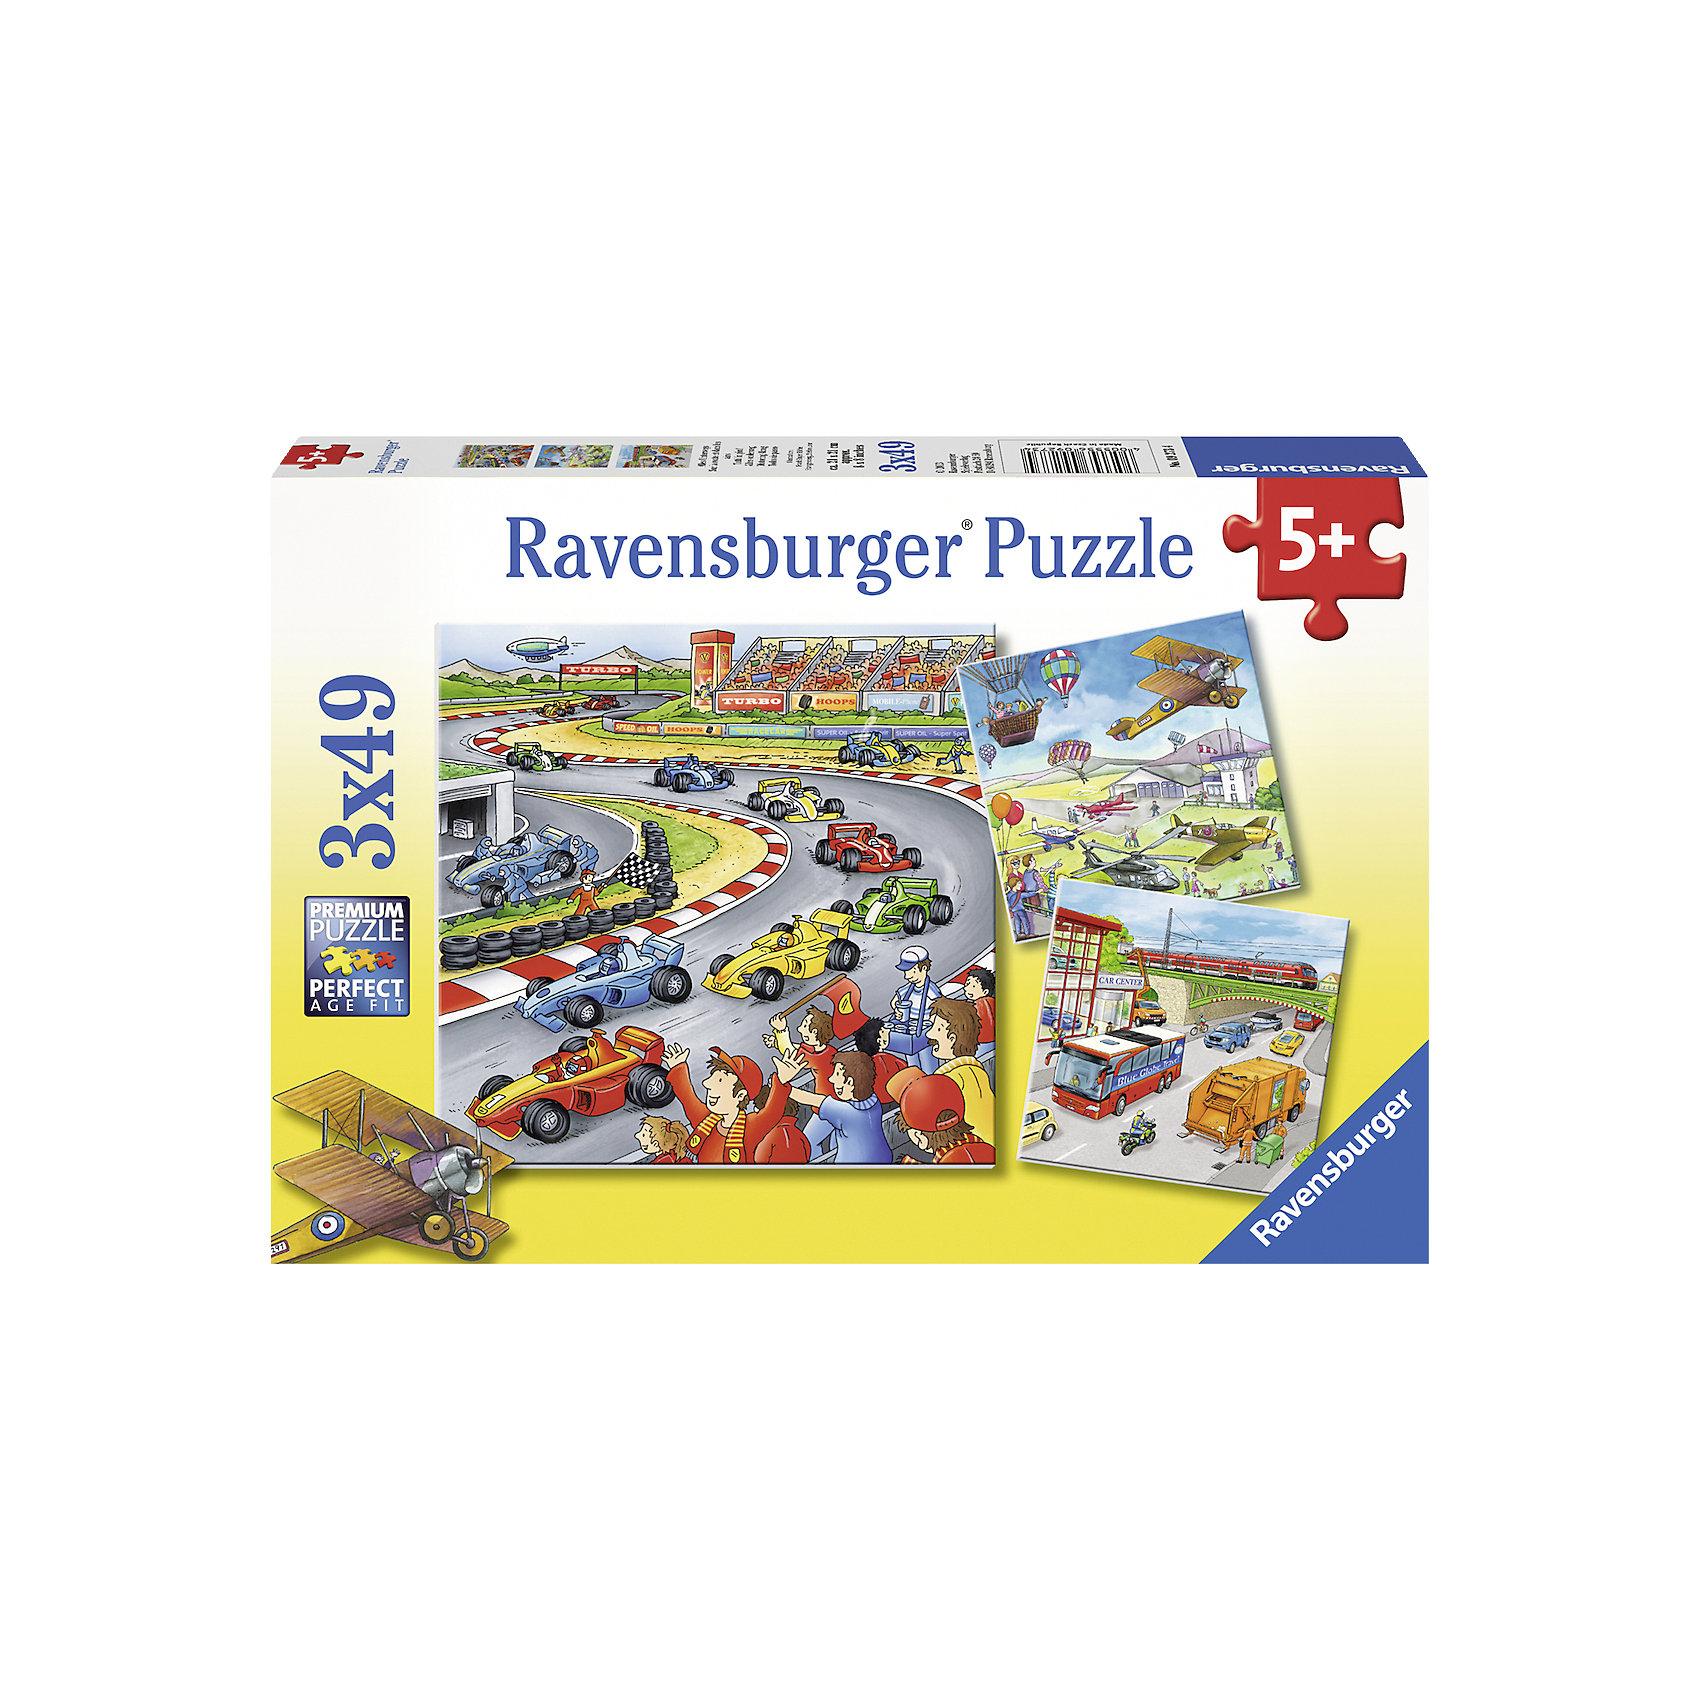 Пазлы Транспорт Ravensburger, 3х49 деталейСобирать пазлы «Транспорт» от Ravensburger (Равенсбургер) - это увлекательное и полезное занятие для ребенка. Ведь на трех красочных картинках изображен и городской транспорт и разные виды летной техники и даже гоночные машинки. Собирайте пазлы вместе с малышом, рассказывайте о различиях между самолетами и вертолетами и планируйте захватывающие путешествия! В замечательном наборе целых 3 пазла. Пазлы интересно собирать, ведь на картинках столько всего интересного!  Картинки получаются настолько яркими и привлекательными, что их можно использовать, как украшение комнаты, стоит только наклеить пазлы на картон. Вас порадует, что плотный картон, из которого состоит пазл не мнется во время сборки, яркая картинка защищена от расслаивания, благодаря чему такой пазл способен служить долгое время. Пазлы Транспорт от Ravensburger (Равенсбургер) - это полезное и увлекательное занятие для всей семьи!<br> <br>Дополнительная информация:<br><br>- Набор из 3 пазлов;<br>- Развивает моторику и внимание;<br>- Яркие картинки с большим количеством деталей;<br>- Очень качественные элементы не расслаиваются;<br>- Материал: картон;<br>- Размер готовой картинки: 18 х18 см;<br>- Размер упаковки: 28 х 19 х 4 см;<br>- Вес: 271 г<br><br>Пазлы Транспорт 3 х 49 деталей, Ravensburger (Равенсбургер) можно купить в нашем интернет-магазине.<br><br>Ширина мм: 278<br>Глубина мм: 190<br>Высота мм: 35<br>Вес г: 337<br>Возраст от месяцев: 60<br>Возраст до месяцев: 84<br>Пол: Мужской<br>Возраст: Детский<br>Количество деталей: 49<br>SKU: 1904978